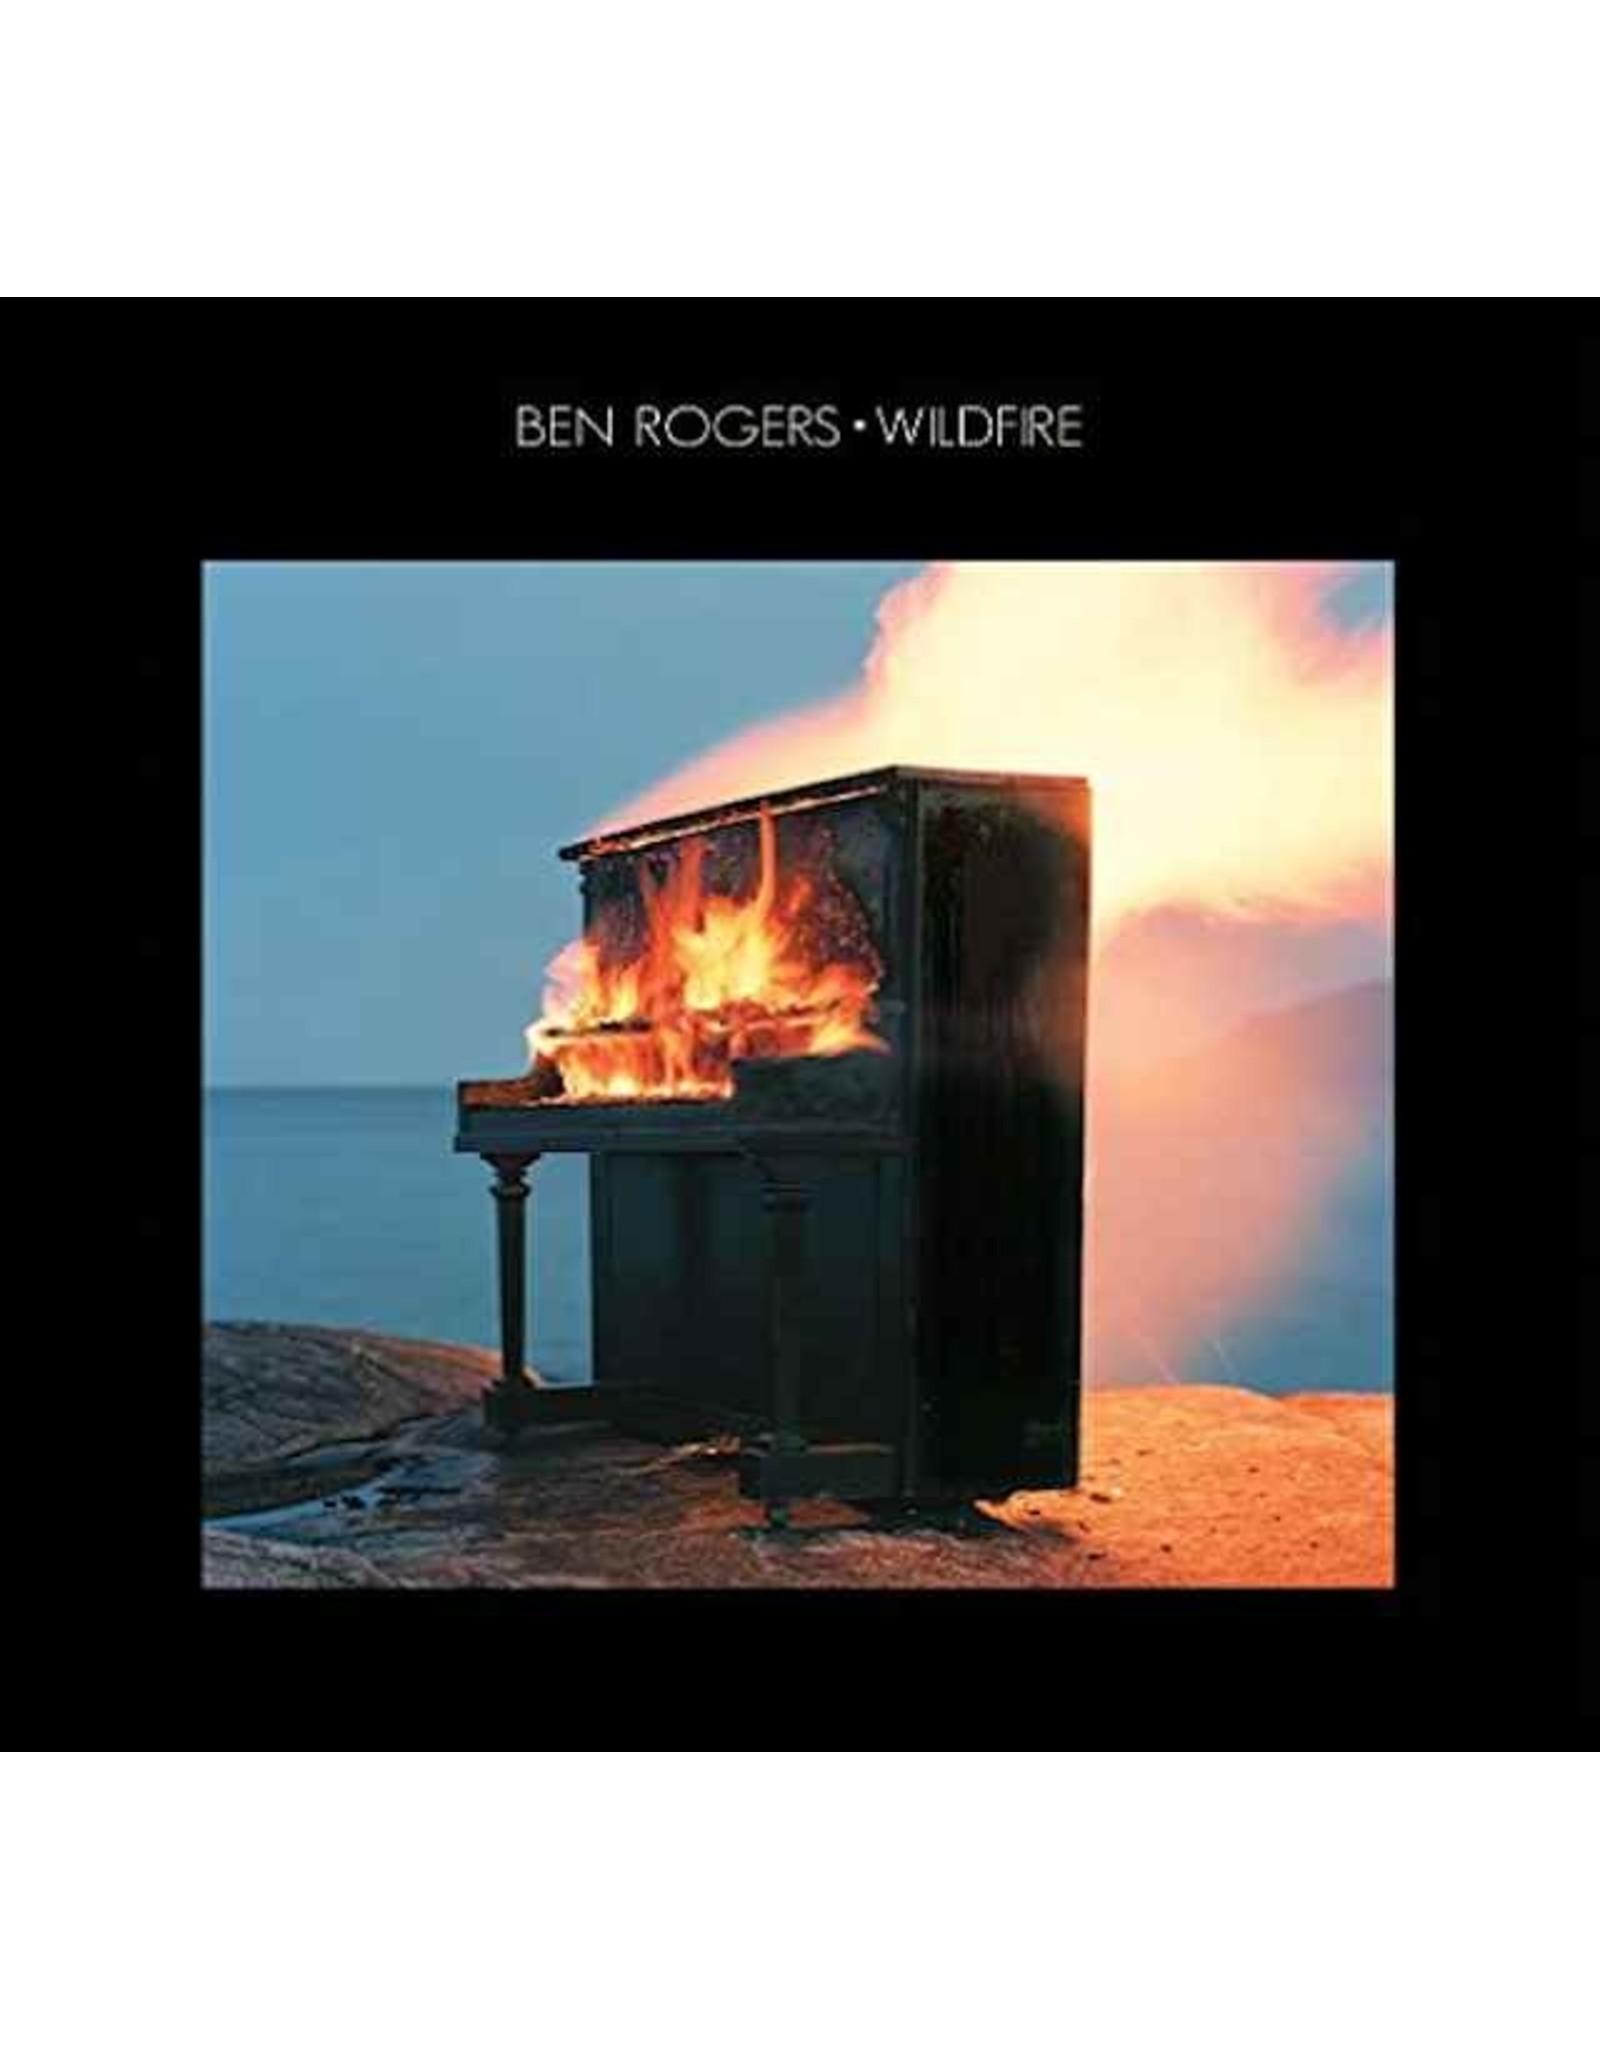 Rogers, Ben - Wildfire LP